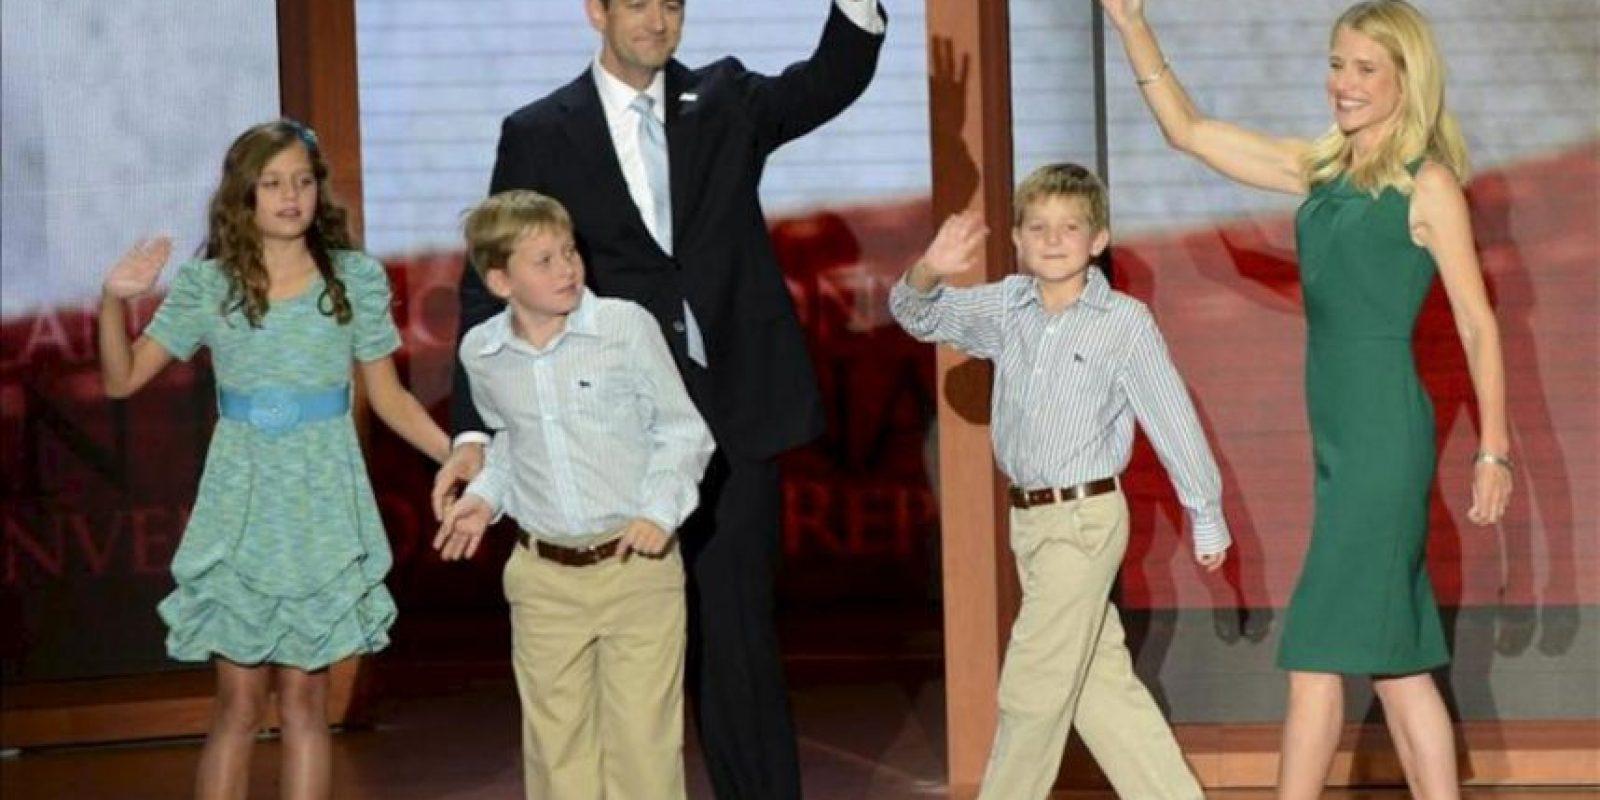 El candidato republicano a la vicepresidencia Paul Ryan con su esposa Jenna (d), sus hijos Elizabeth (i), Charles (2-i) y Samuel (2-d) saludan a los delegados durante la tercera jornada de la Convención Nacional Republicana en el Times Forum de Tampa, Florida (EE.UU.). EFE